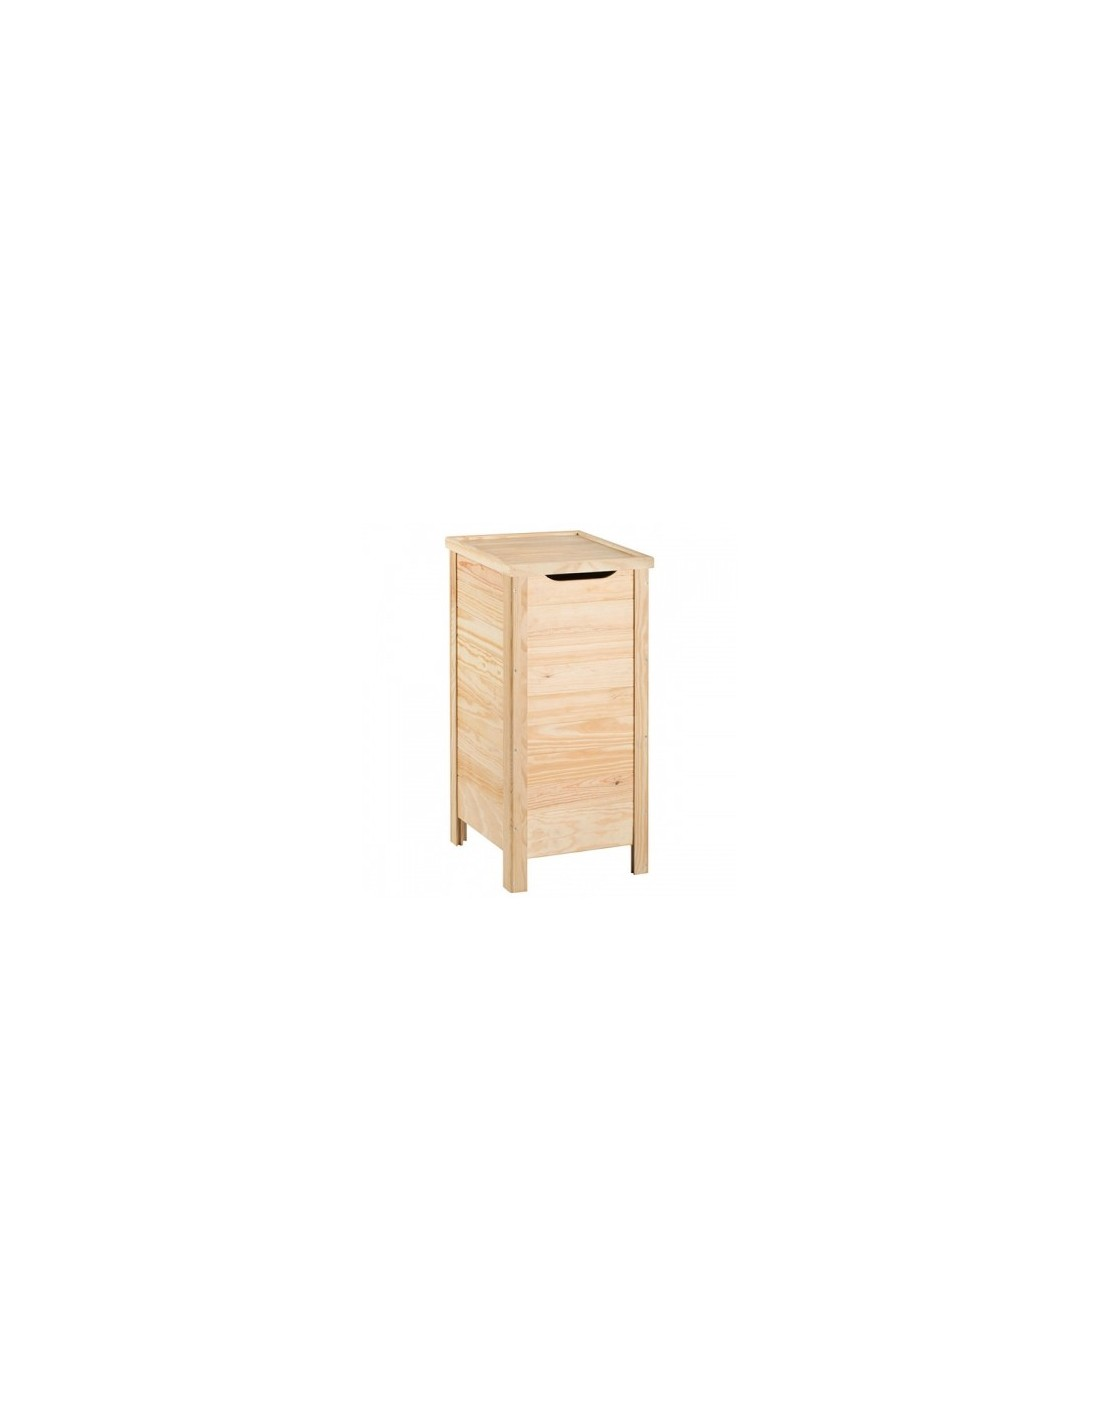 Coffre bois cheminee bois de chauffage kg bches de cm for Coffre a bois cheminee